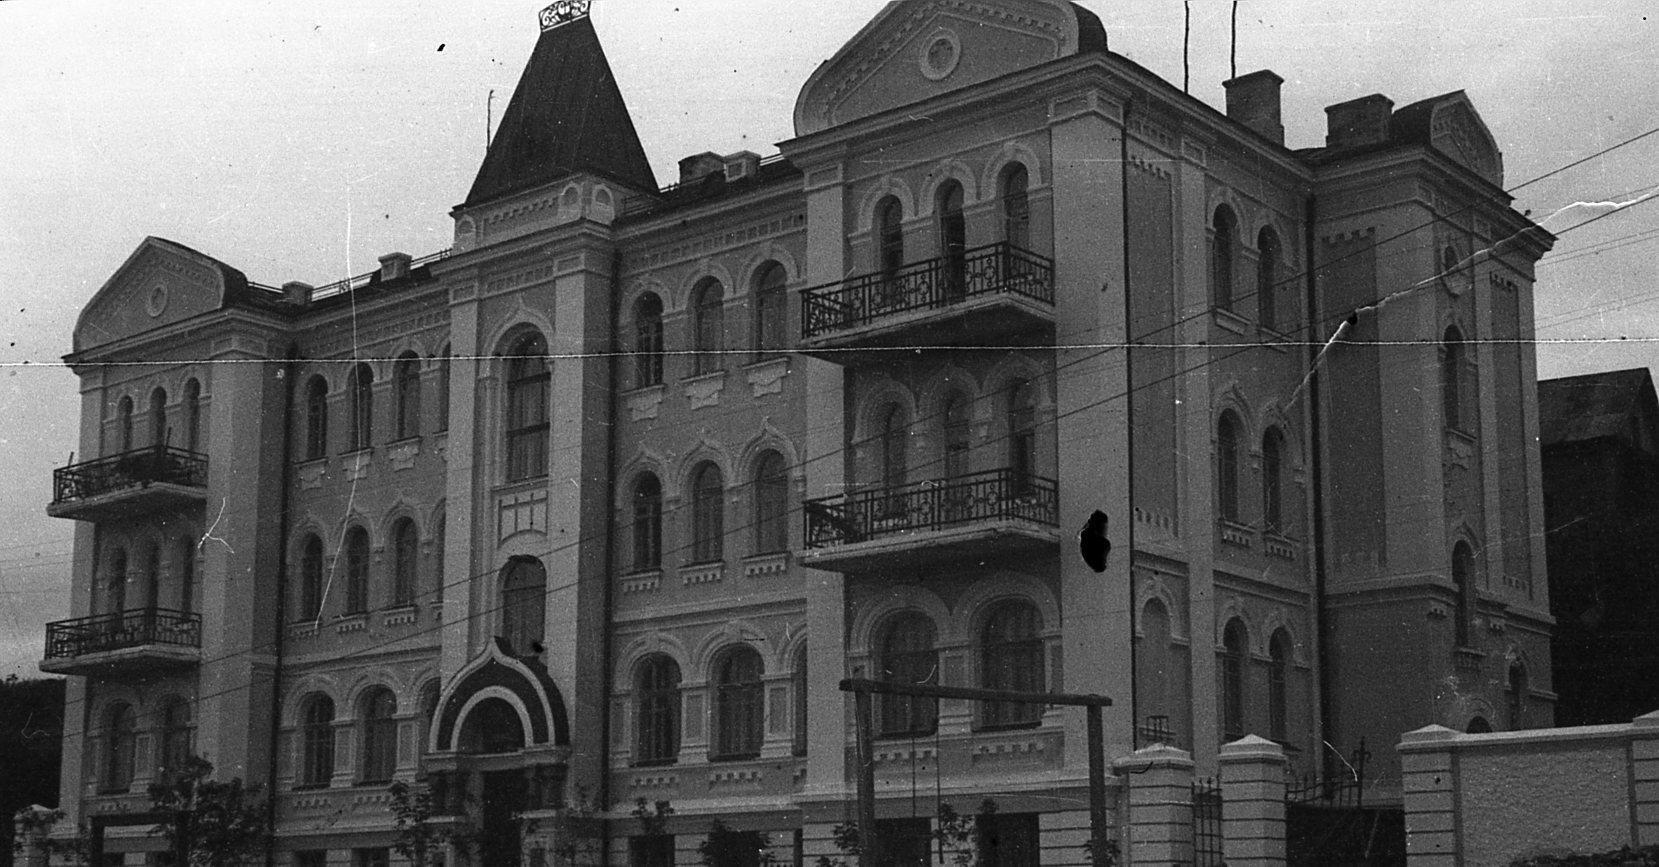 Школа №19 по улице Менжинского (Пологая). В настоящее время — Владивостокская епархия Русской Православной Церкви. 1935 год.